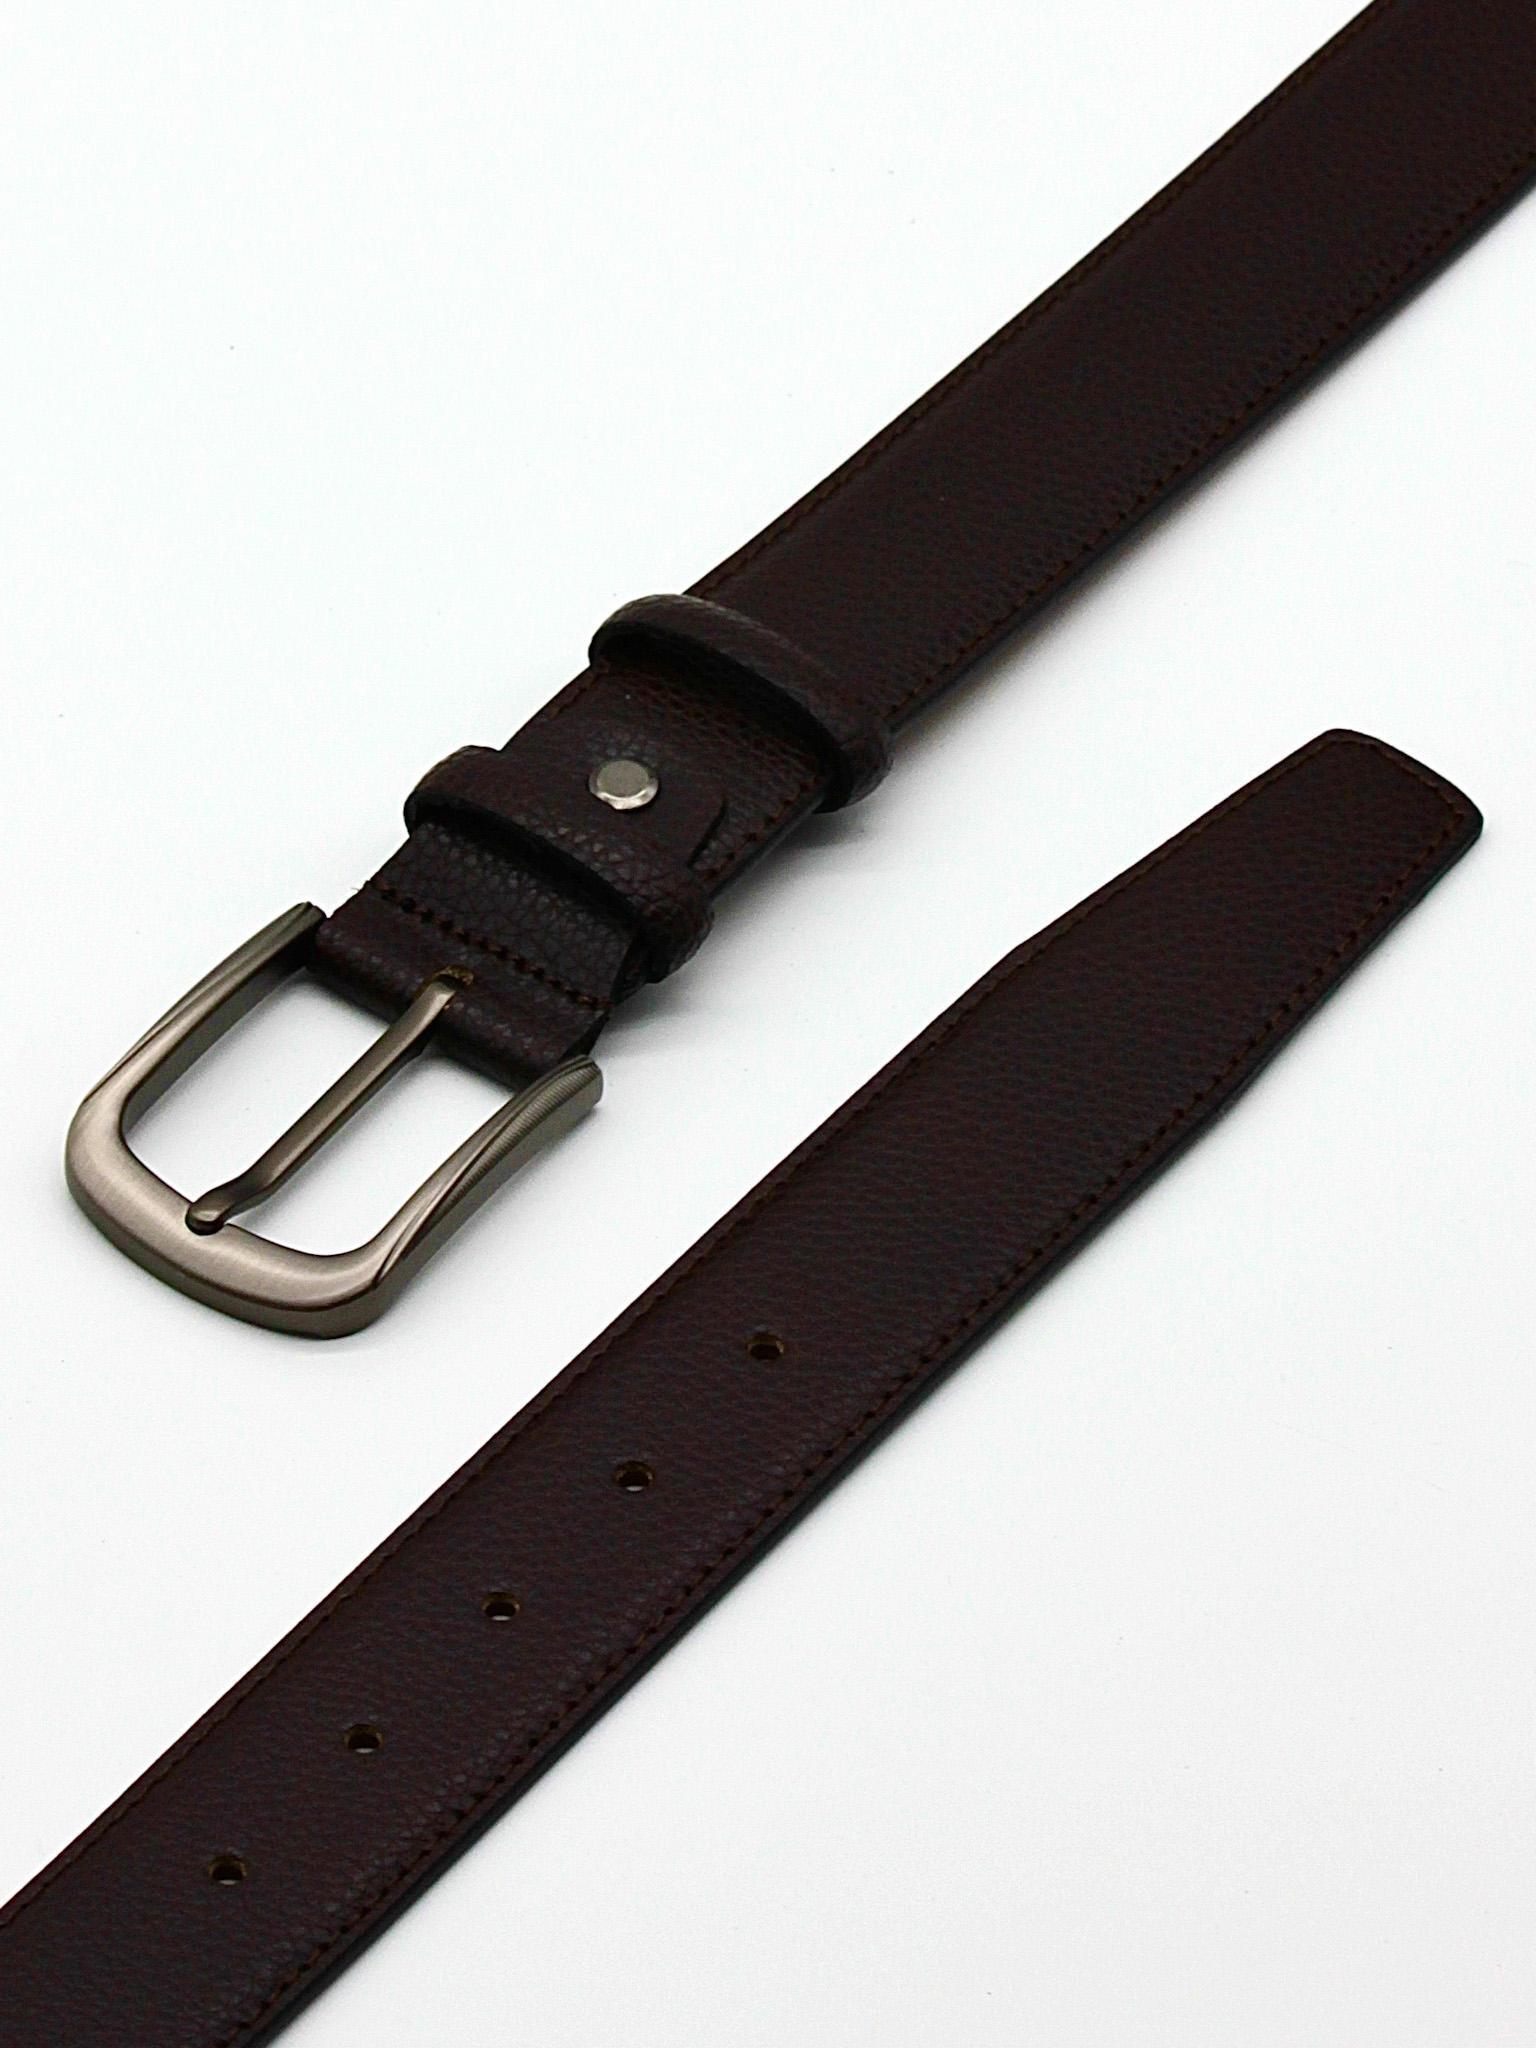 Ремень брючный коричневый 35 мм Doublecity RC35-25-19